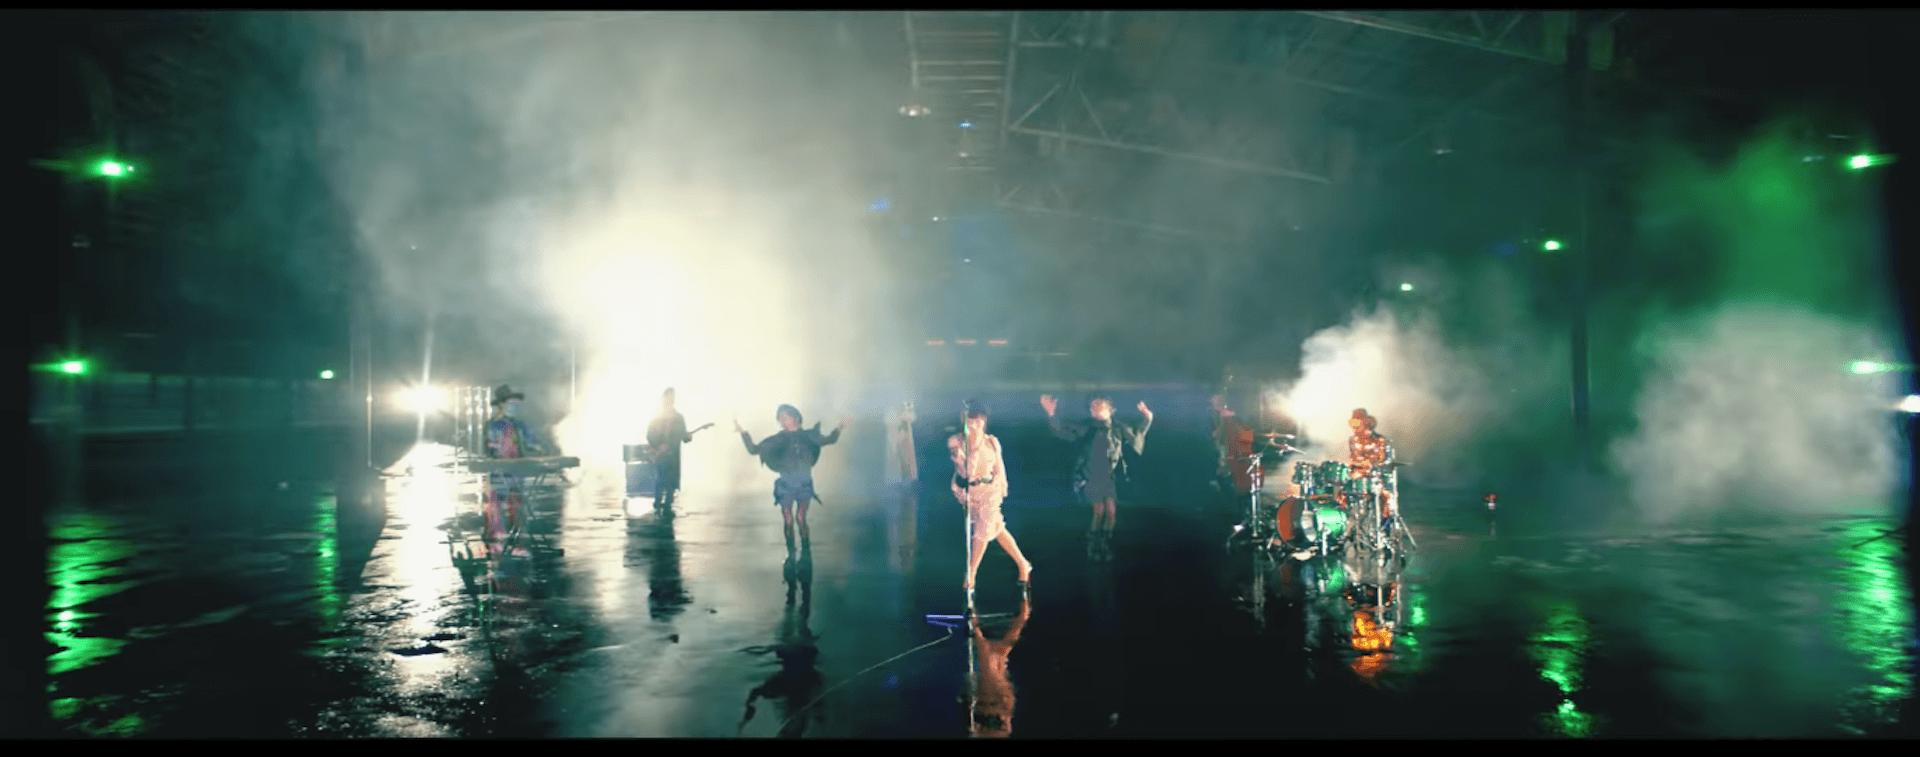 椎名林檎『時効警察はじめました』主題歌「公然の秘密」のMVを公開|ベストアルバムにも収録 d7ee7ce6fbec69ec4ec710af709d7190